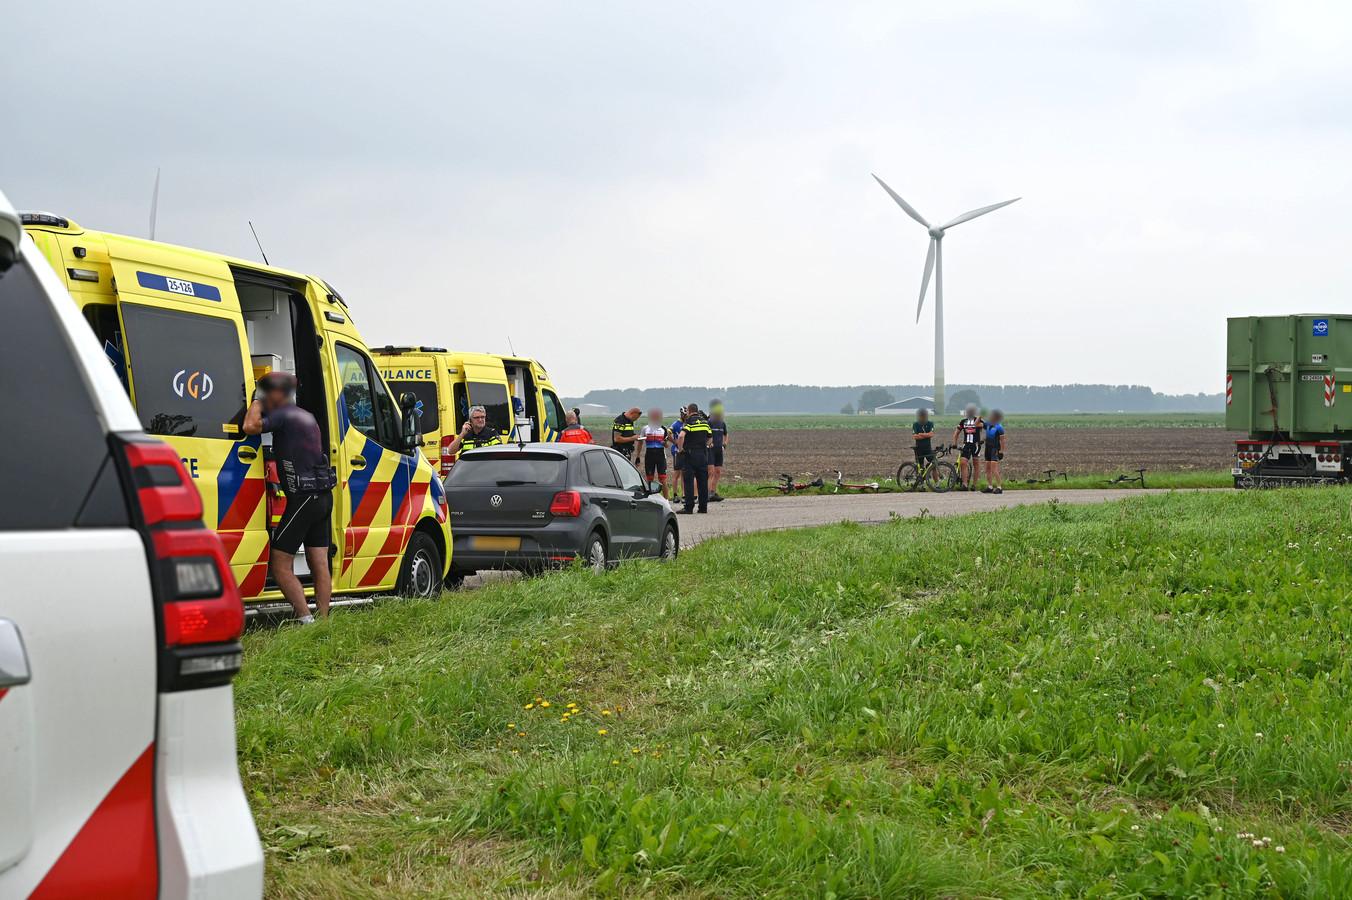 Hulpdiensten zijn ter plaatse om twee gewonde wielrenners naar het ziekenhuis te vervoeren van wie er één zwaargewond is geraakt.